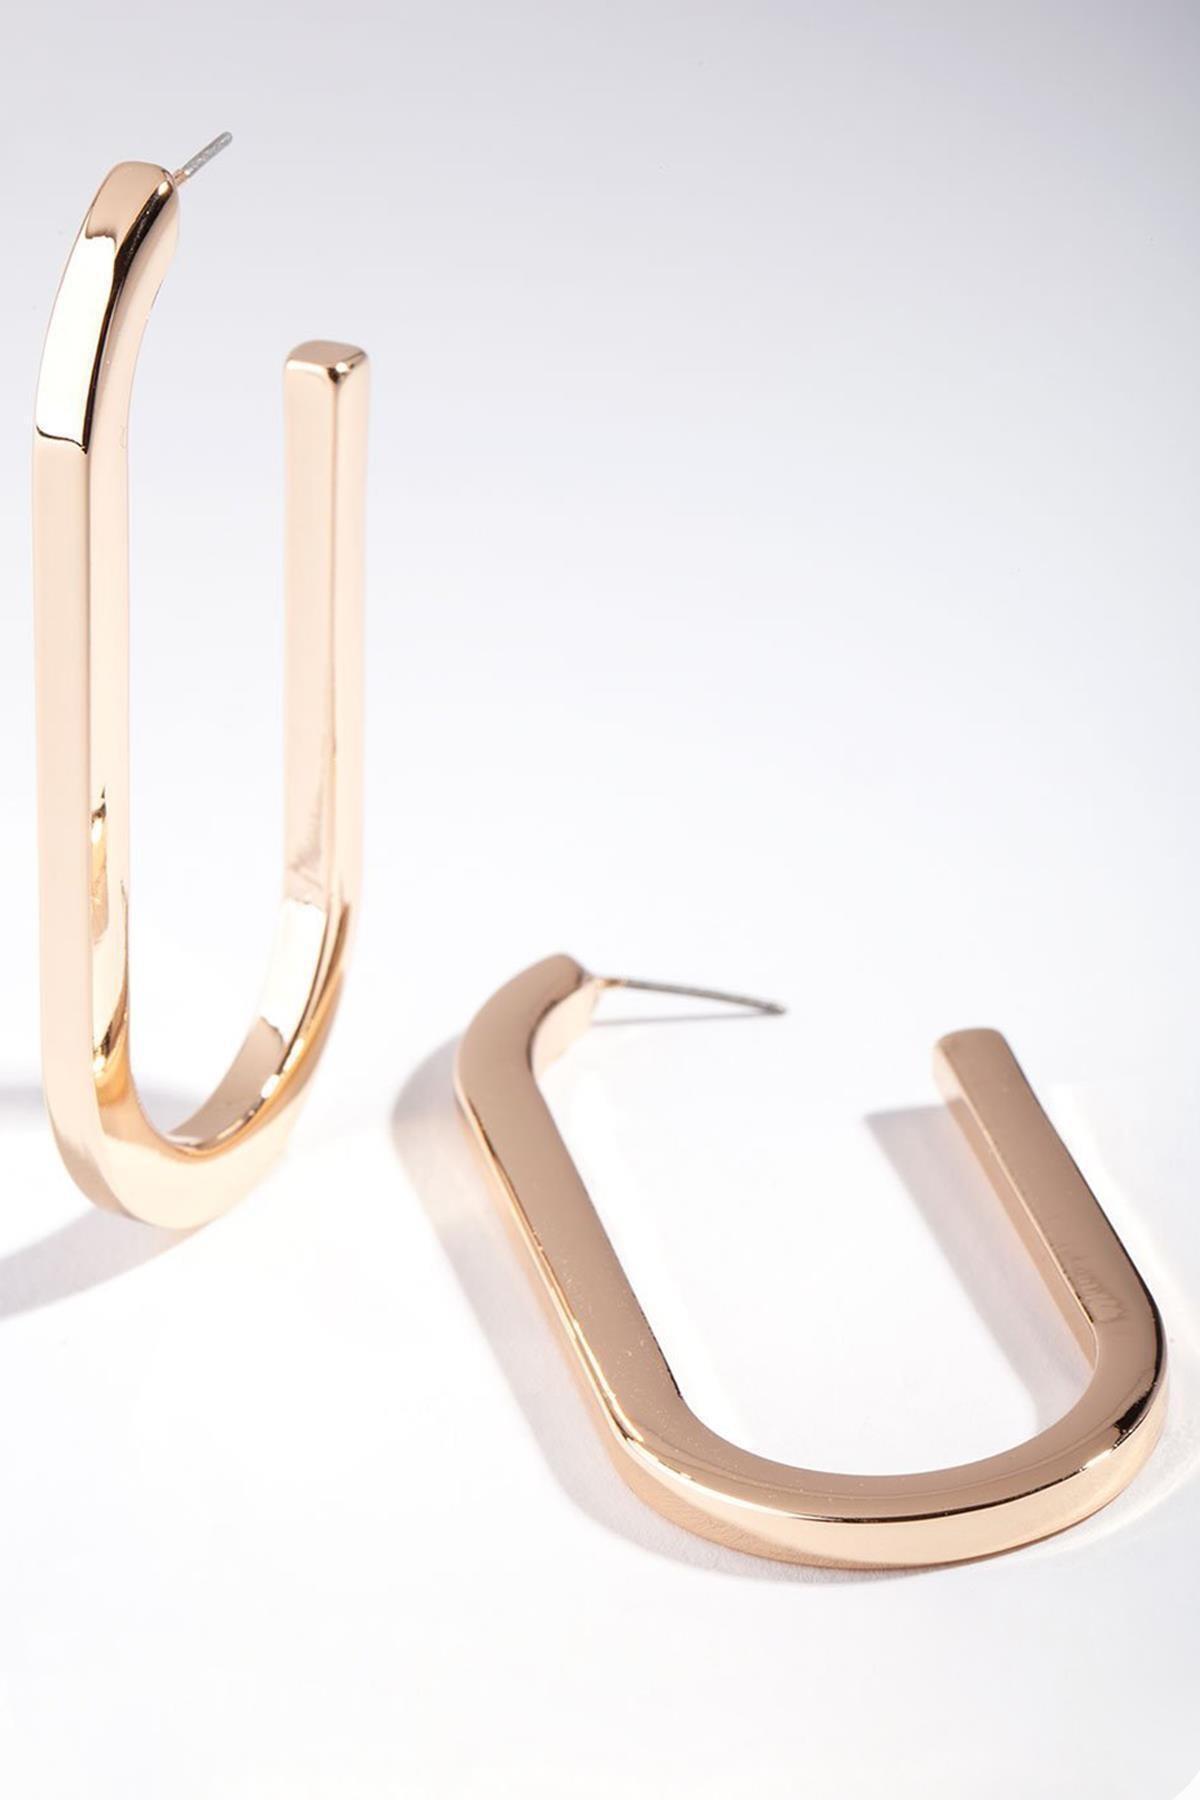 New Obsessions Kadın Altın Renk Uzun Elips Küpe 1